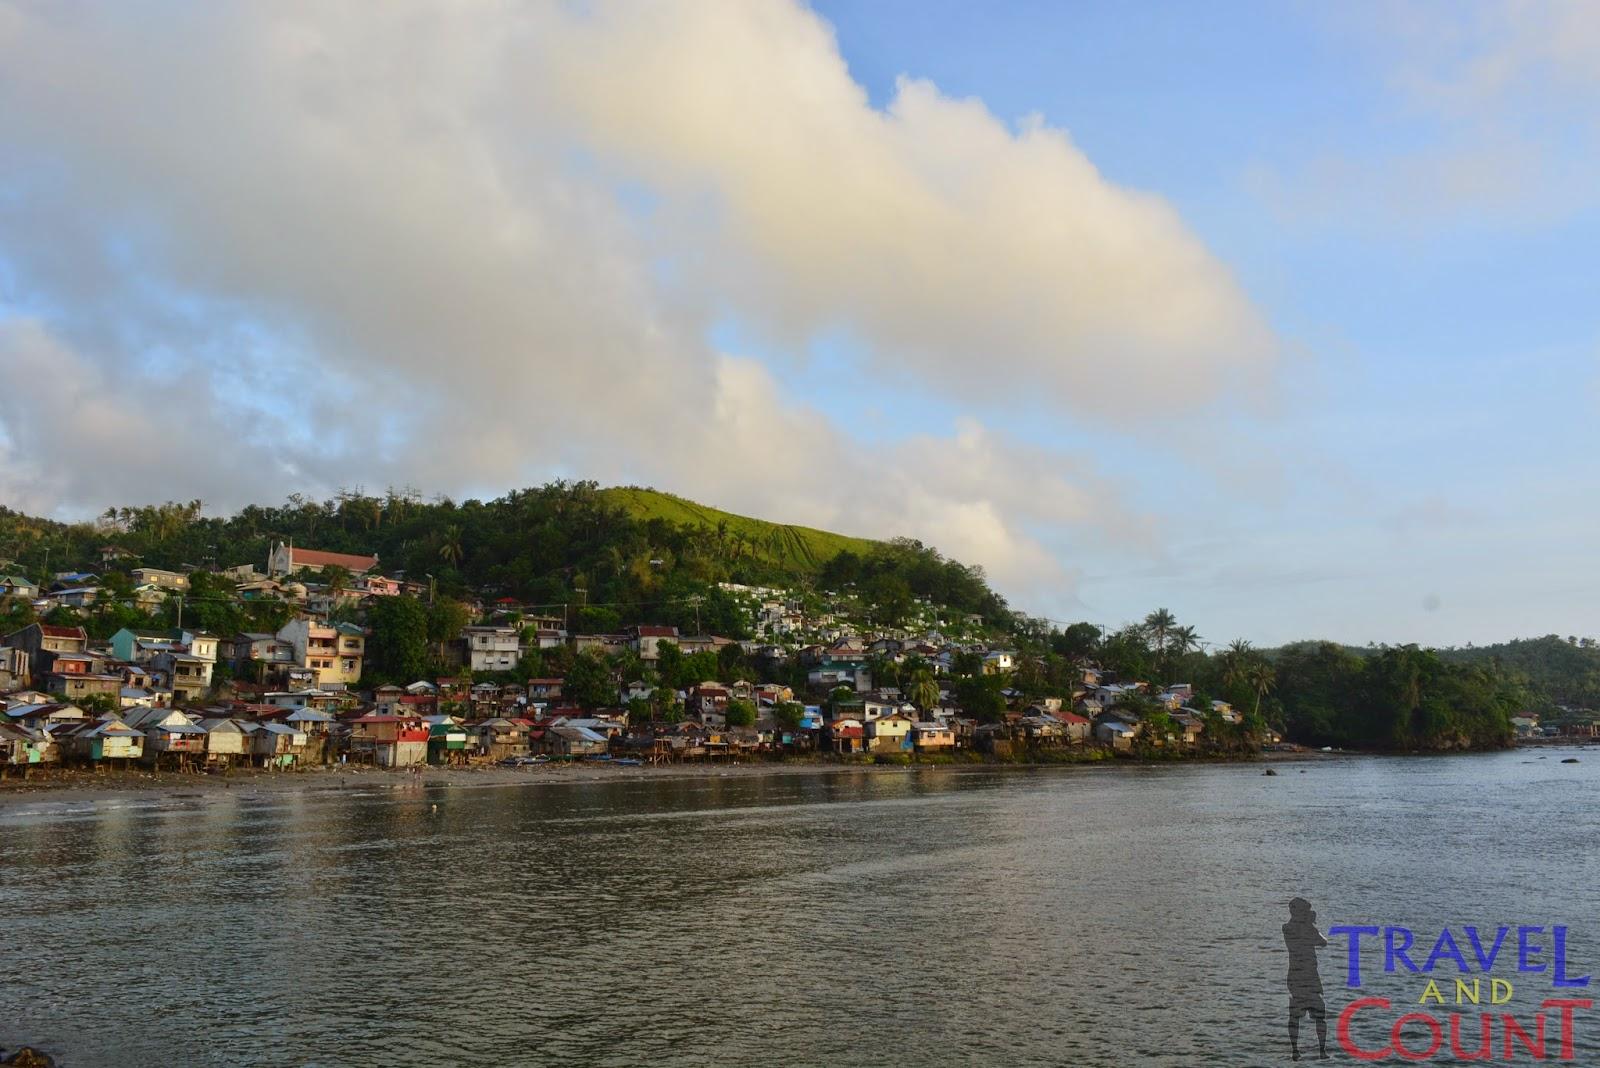 Mauban Port Quezon houses